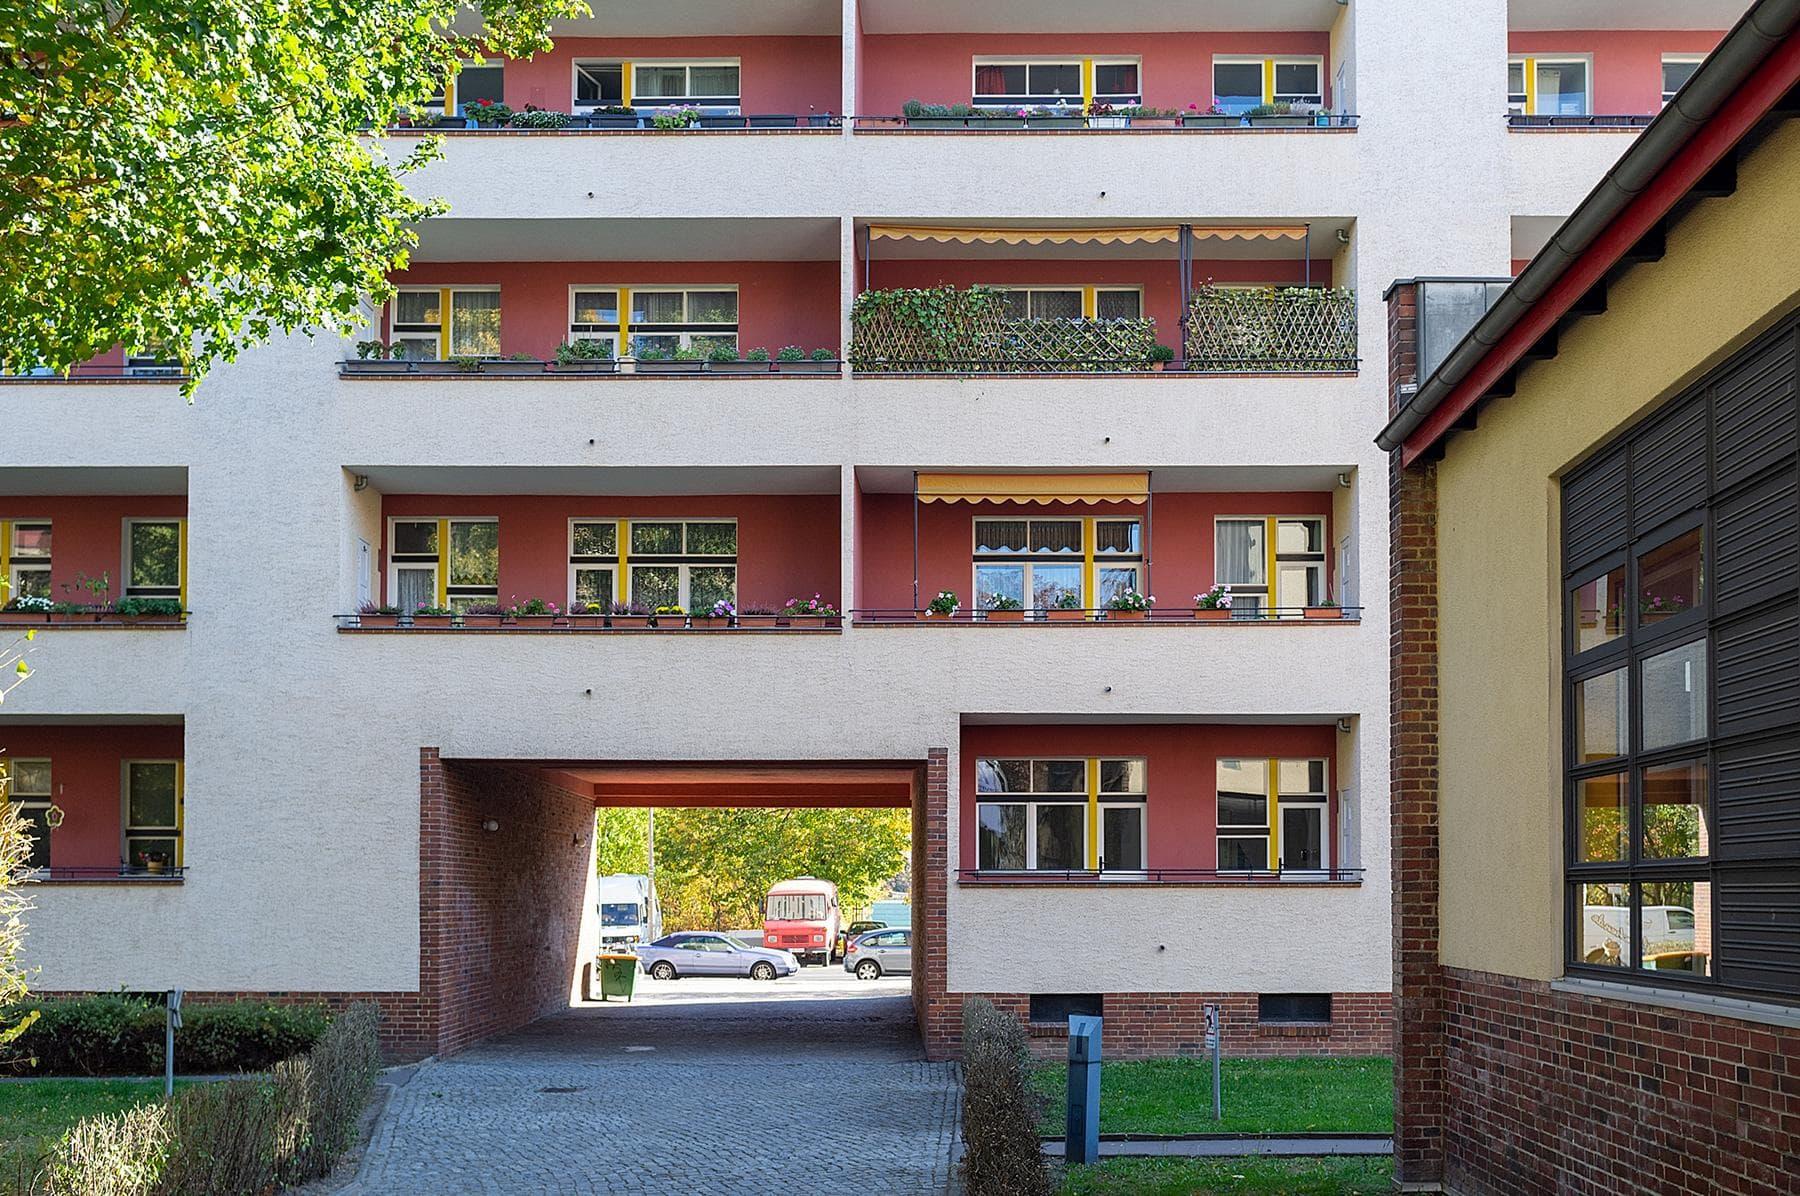 Balkone und ein Durchgang unter einem Haus im Beitrag Berlin: Wohnstadt Carl Legien